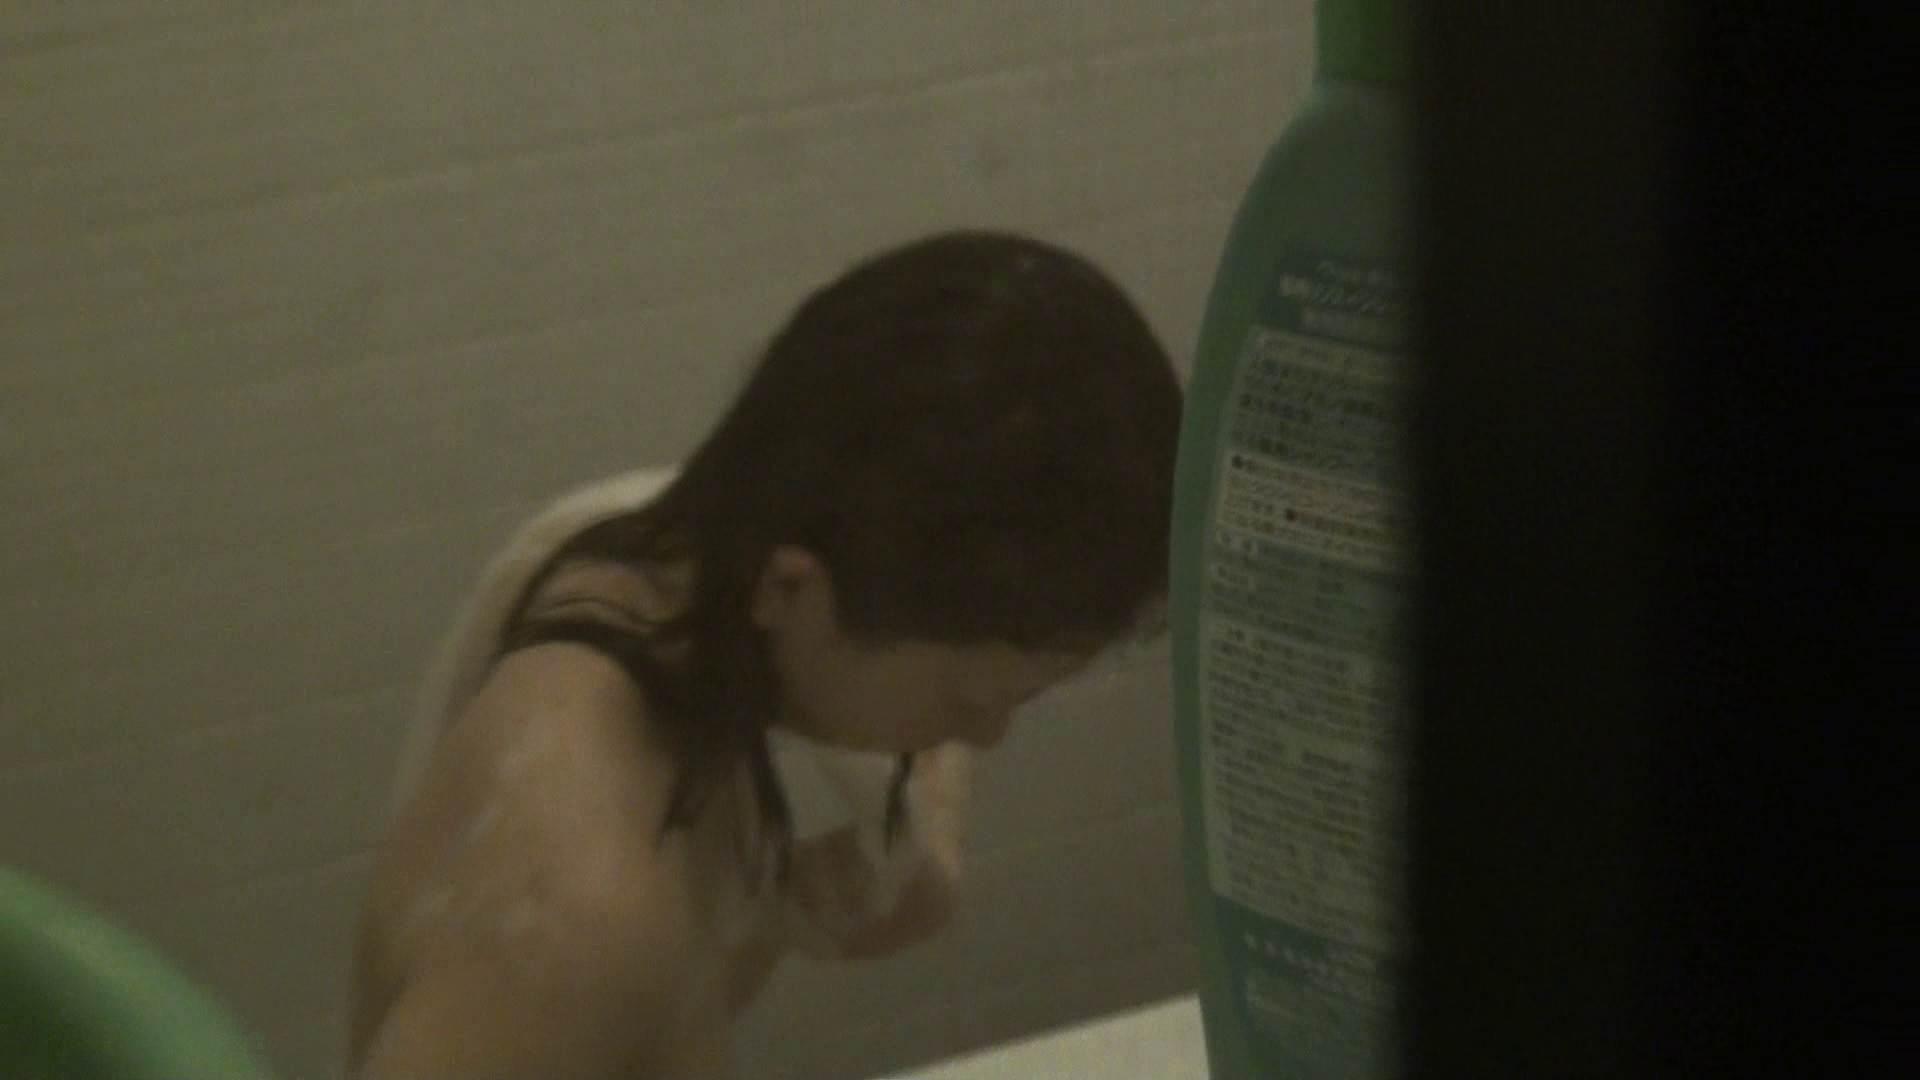 vol.06顔を洗い流す極上お女市さんの裸体をハイビジョンで!風呂上り着替え必見! HなOL ワレメ動画紹介 84pic 2